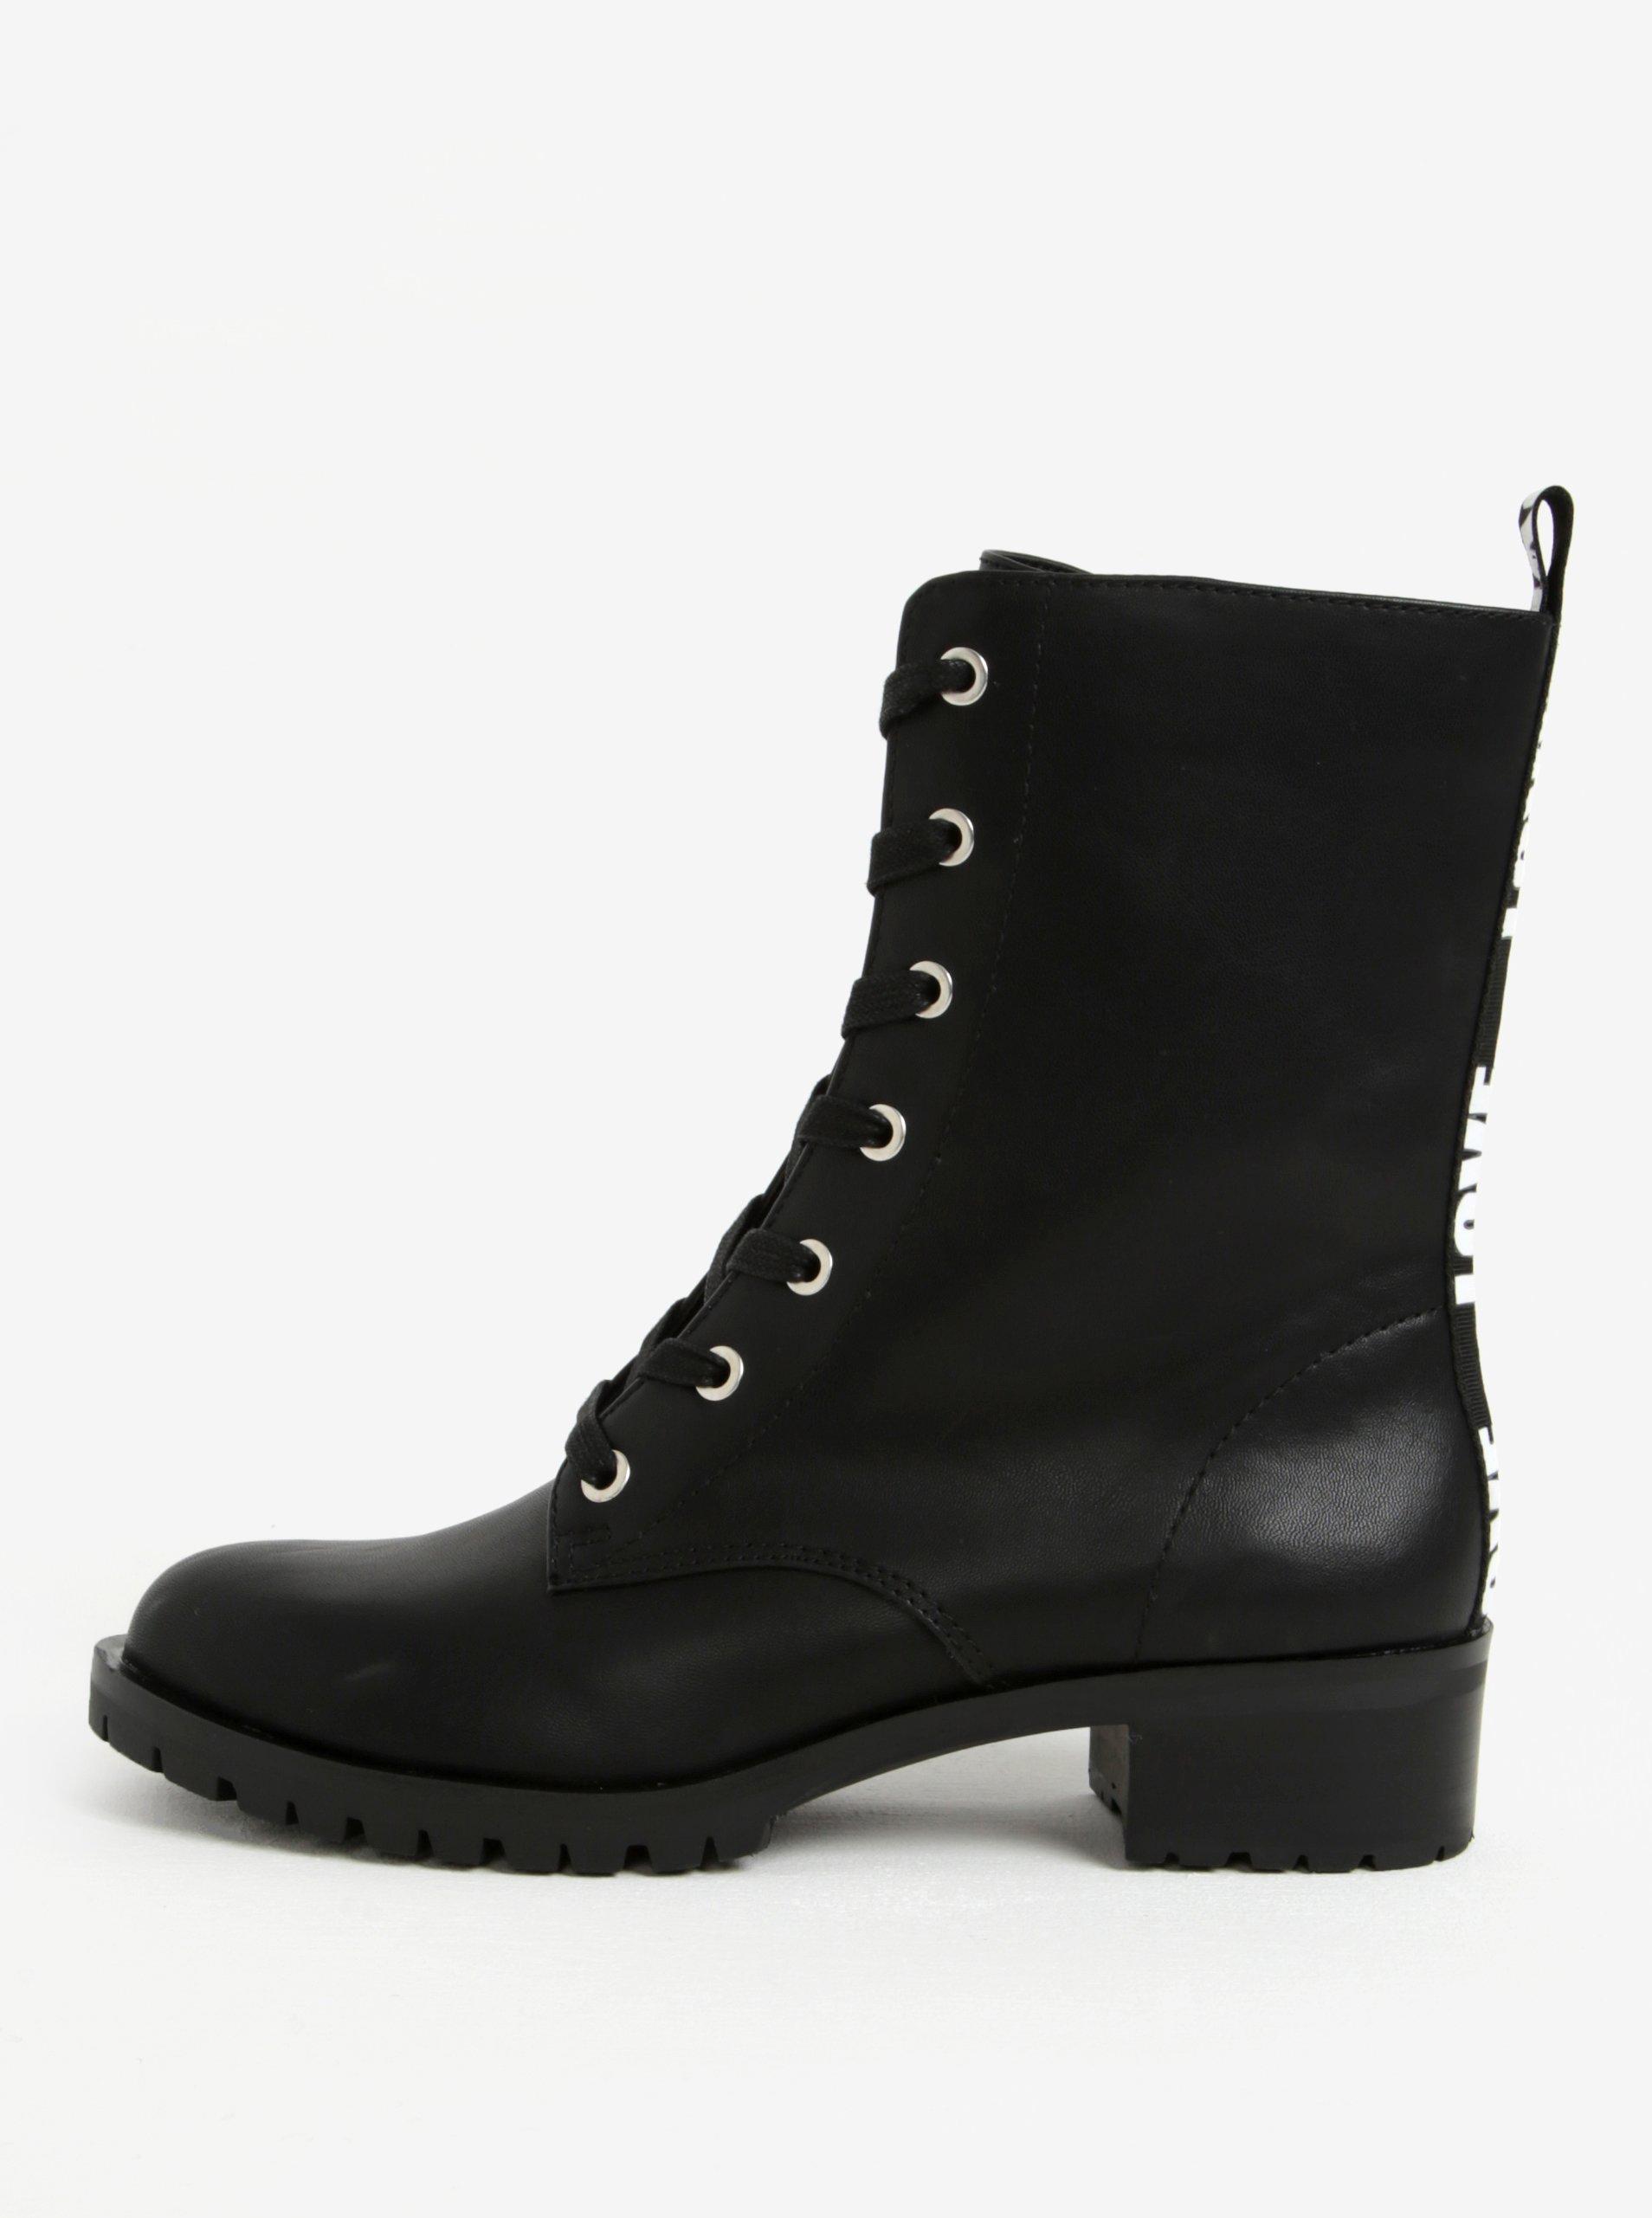 f3c28305fe90c Čierne členkové dámske topánky s potlačou na päte ALDO Trulle | Moda.sk